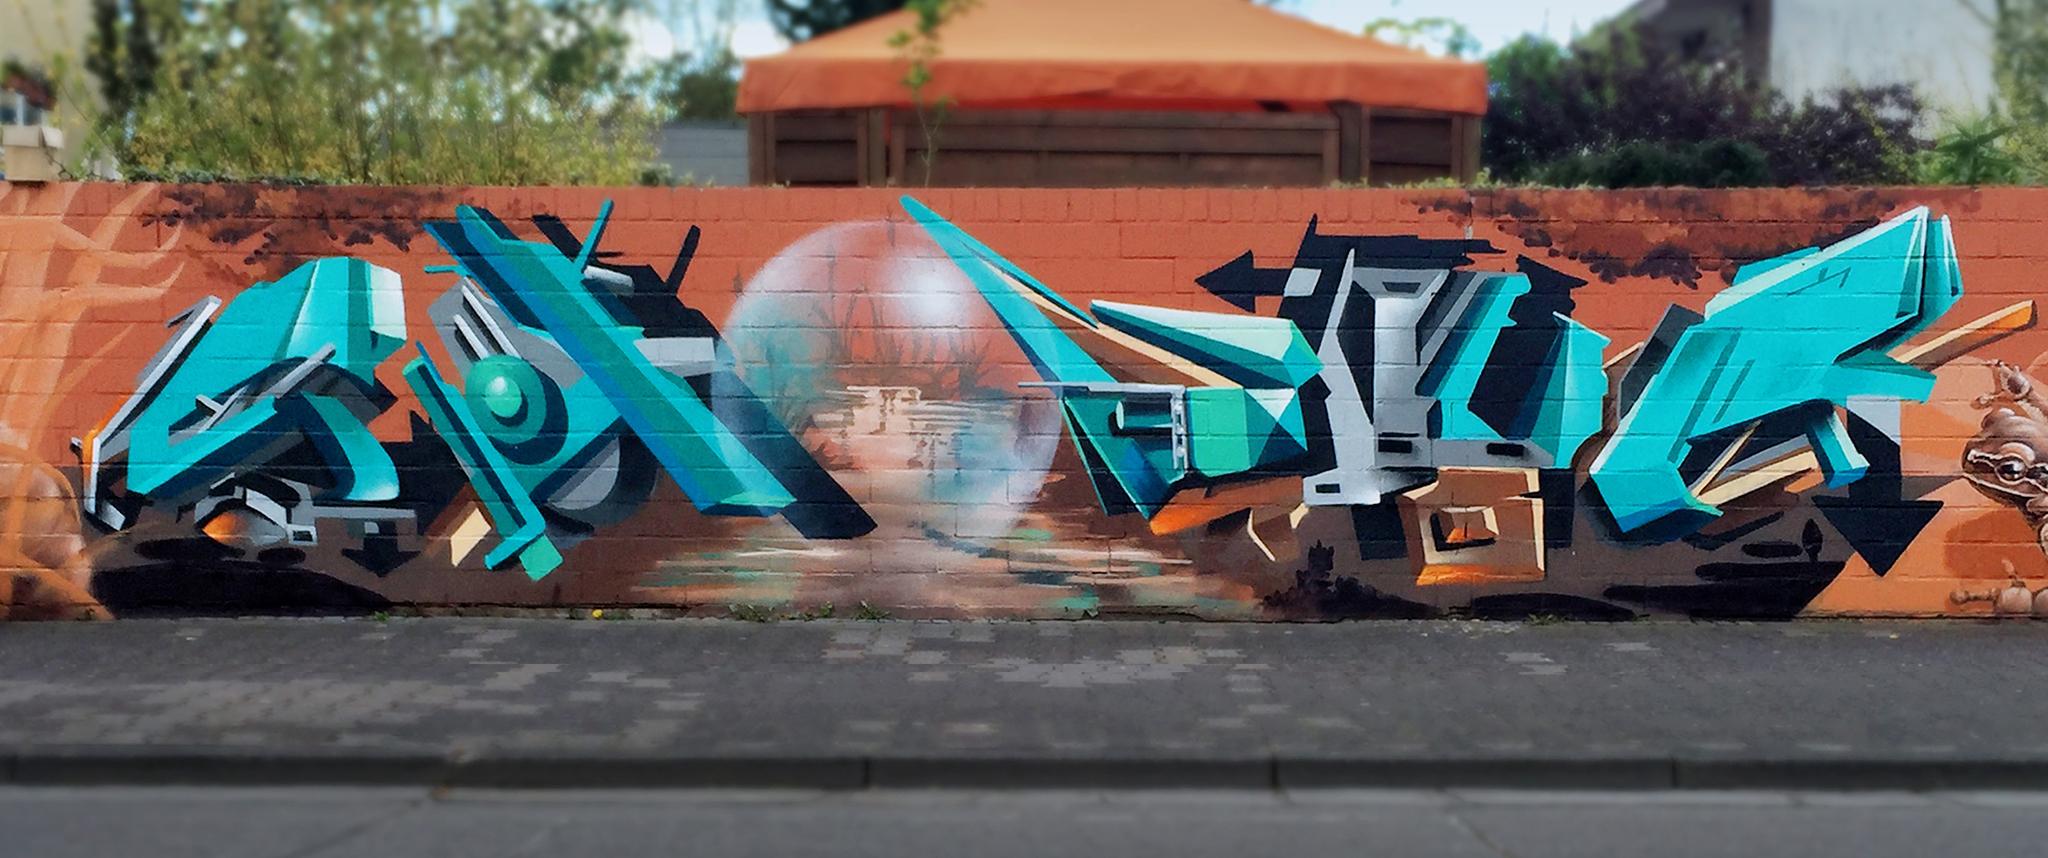 shogun_honsar_graffiti__frankfurt_2016_1